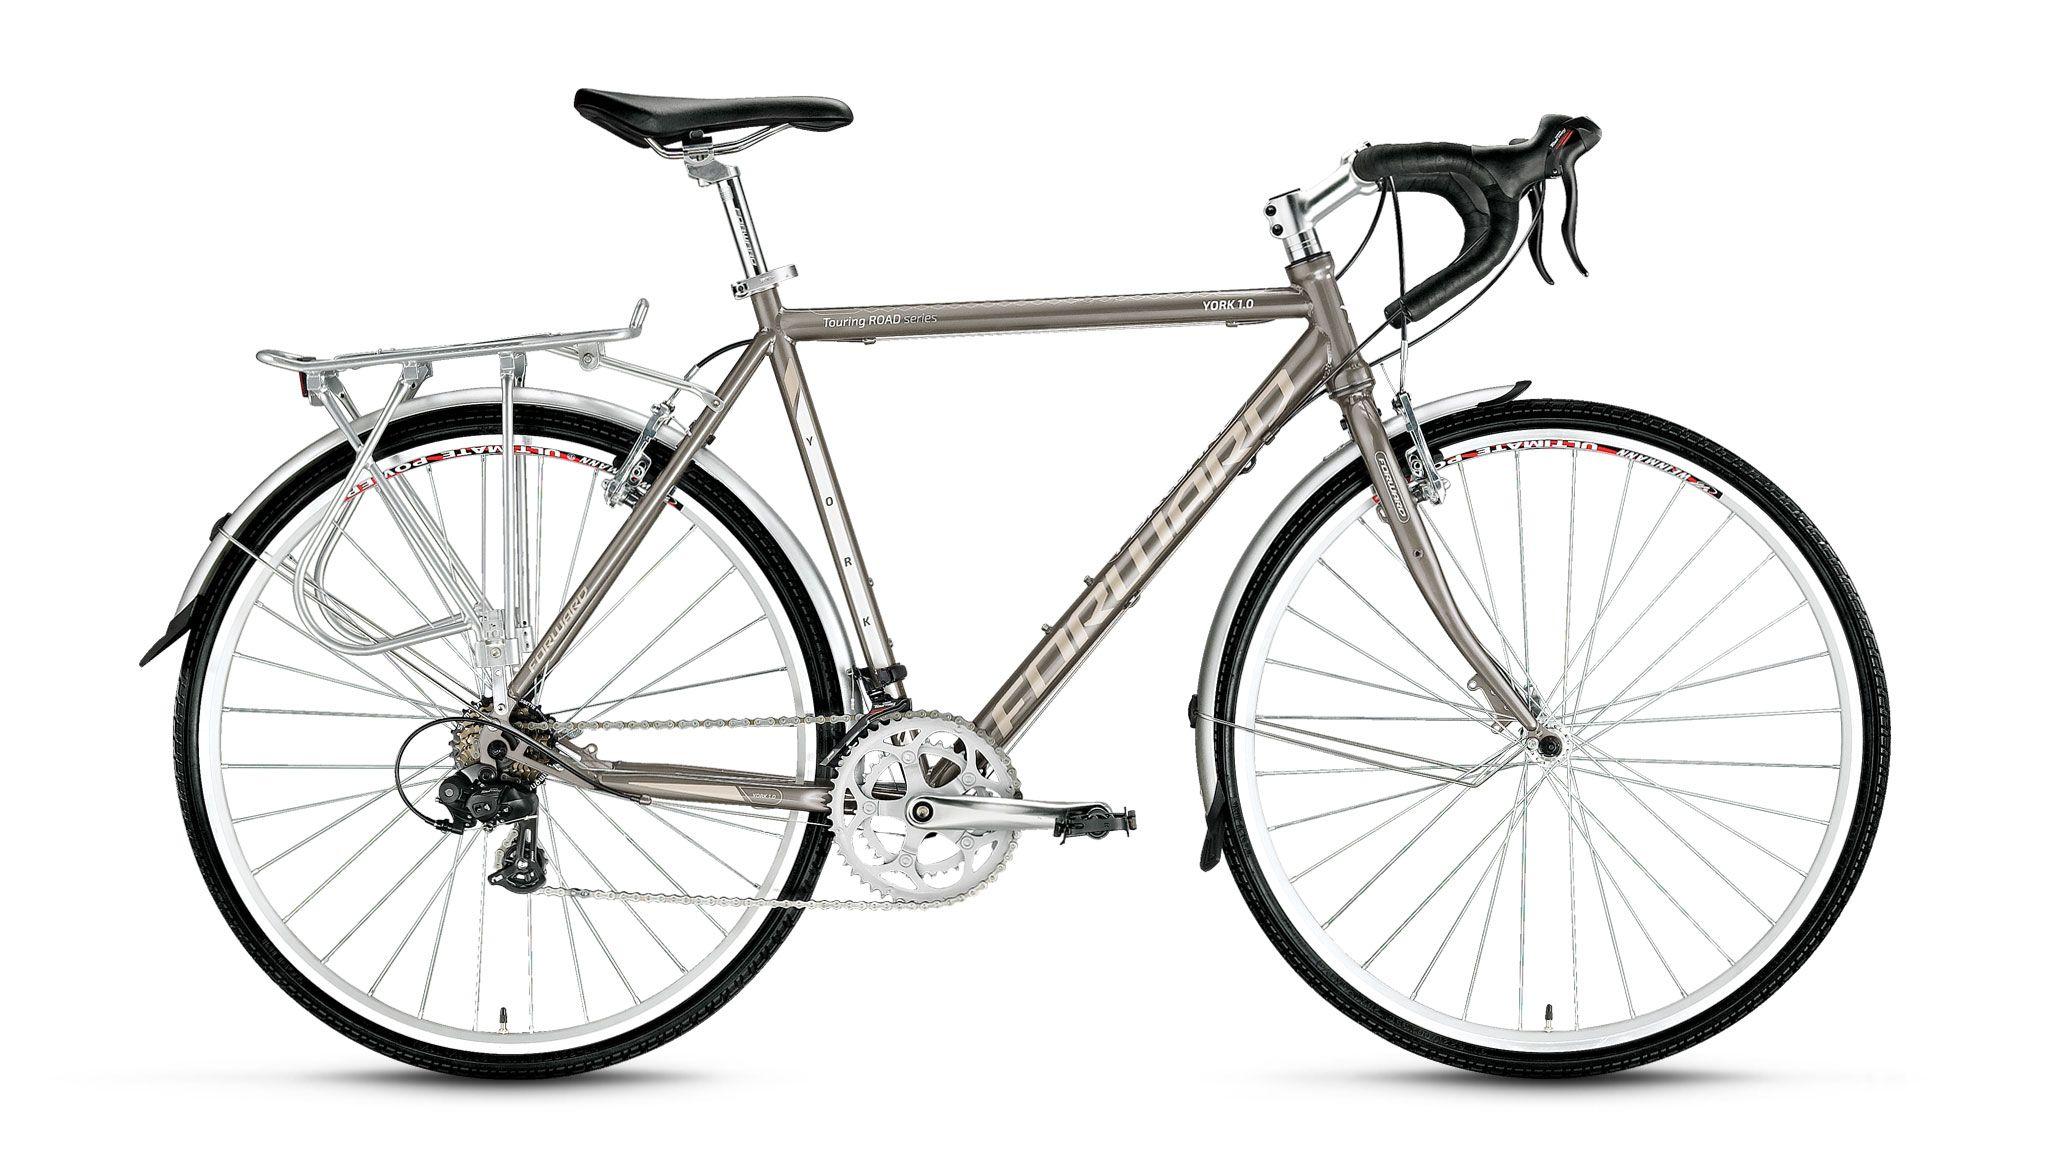 Велосипед Forward York 1.0 (2016) серый 560 mmТУРИСТИЧЕСКИЕ<br><br><br>бренд: FORWARD<br>год: 2016<br>рама: Алюминий (Alloy)<br>вилка: Жесткая (сталь)<br>блокировка амортизатора: None<br>диаметр колес: 28<br>тормоза: Ободные (V-brake)<br>уровень оборудования: Начальный<br>количество скоростей: None<br>Цвет: серый<br>Размер: 560 mm